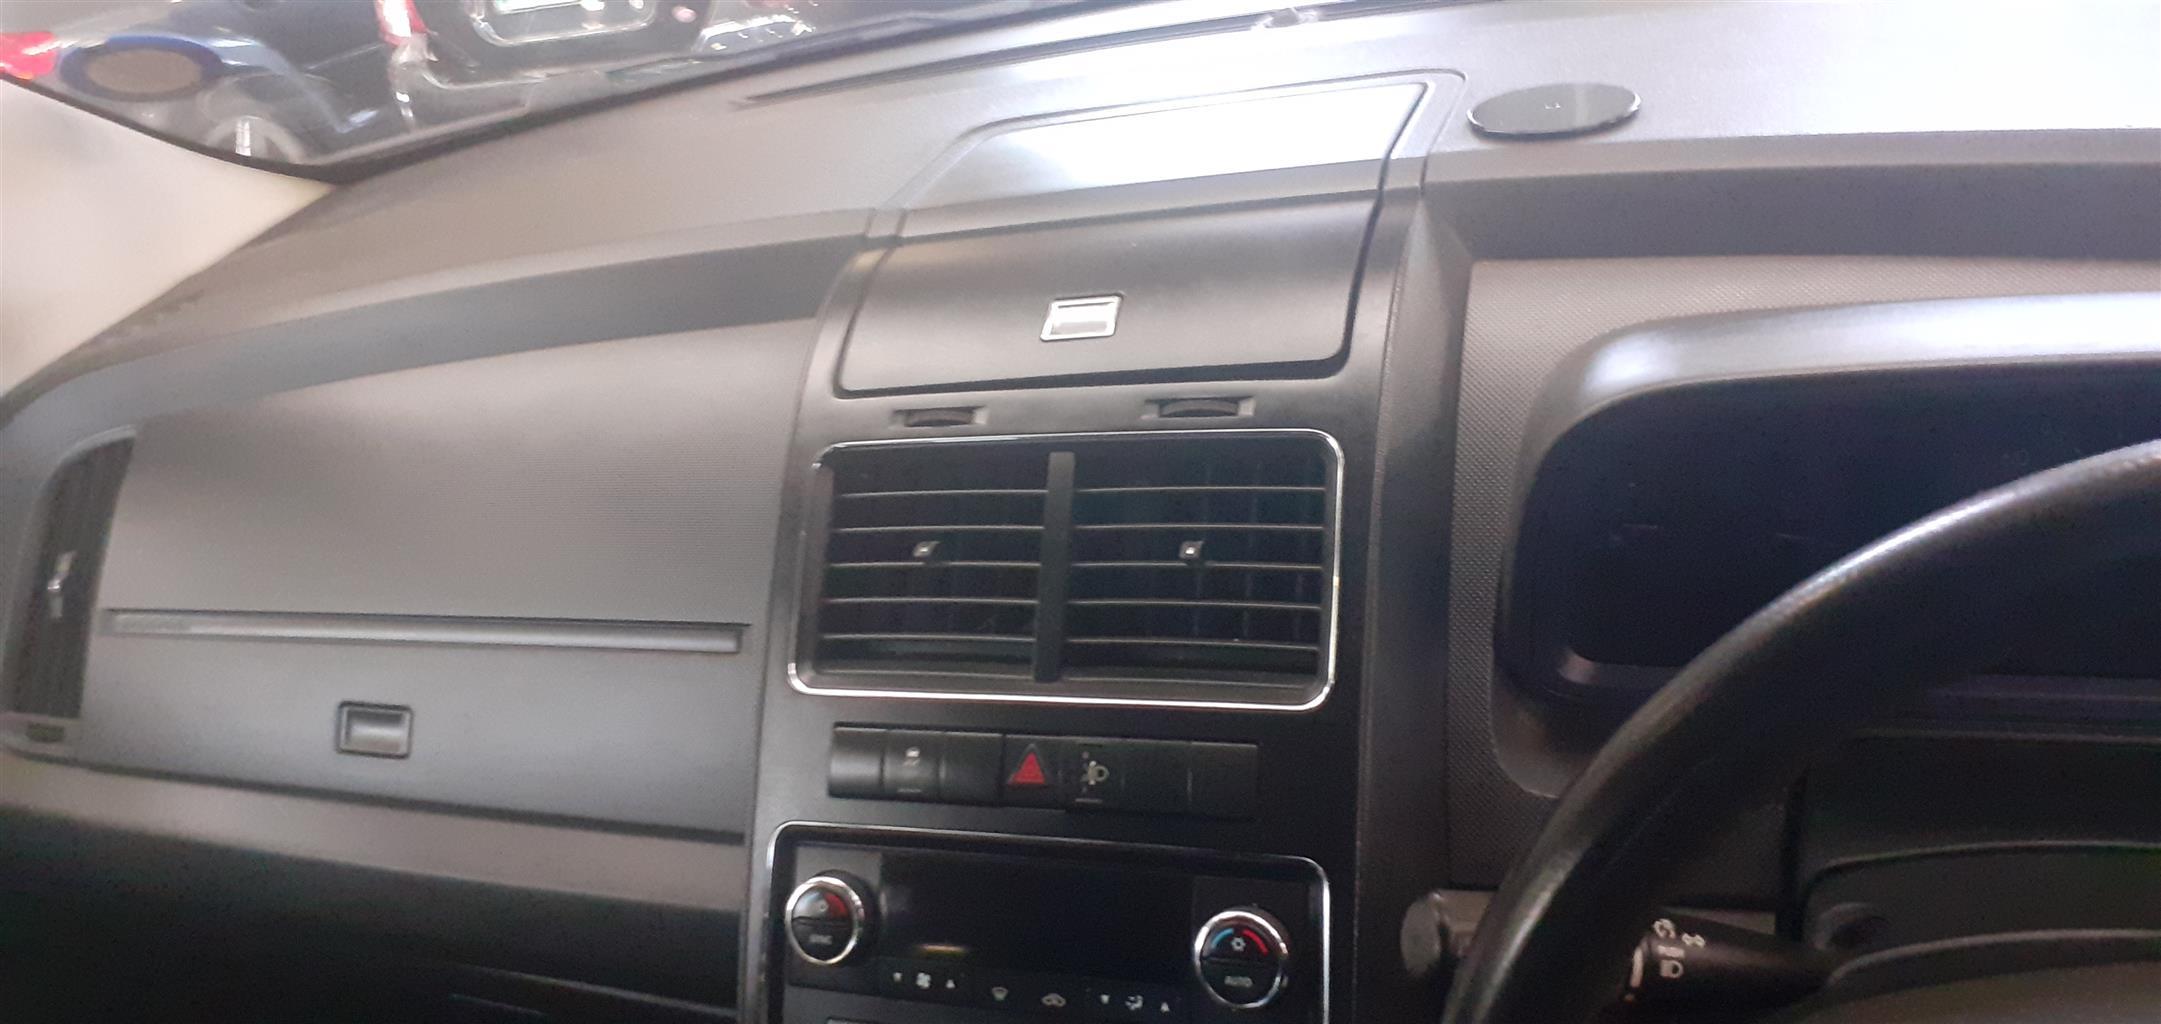 2010 Dodge Journey 2.7 SXT